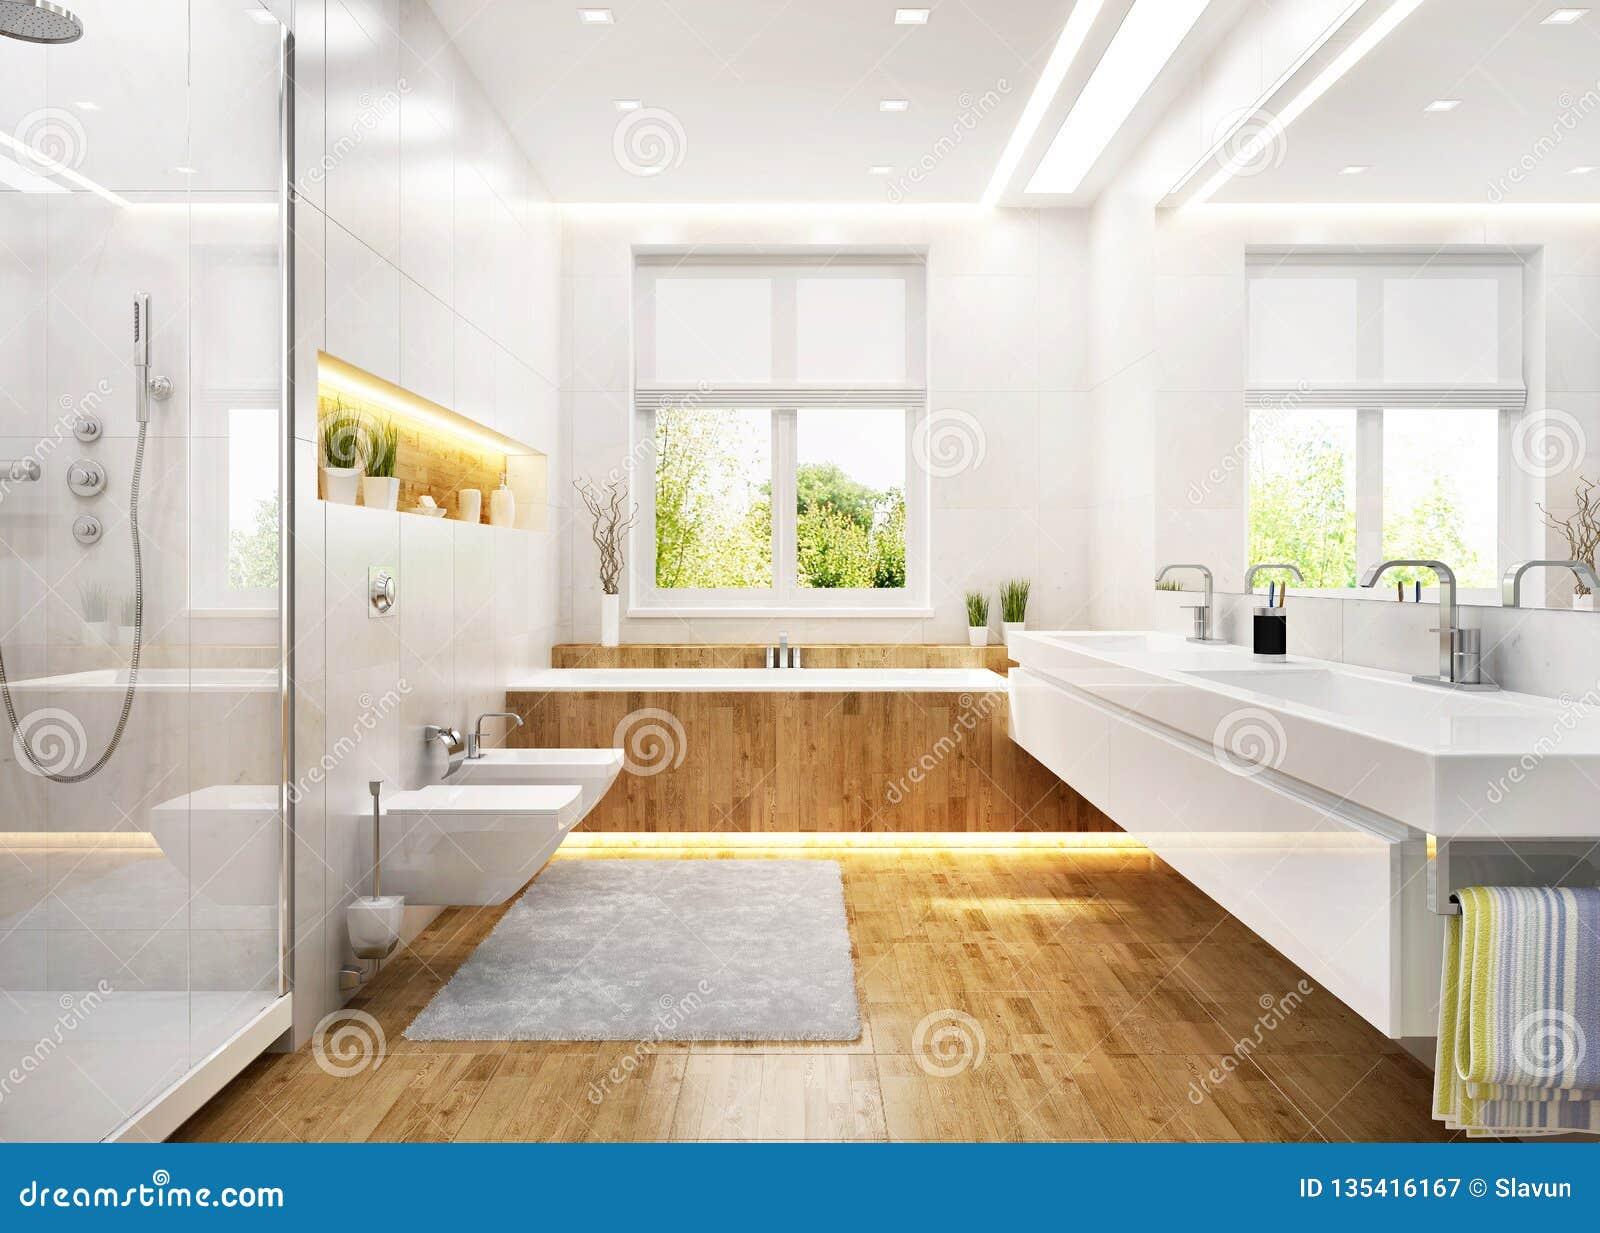 Salle De Bains Blanche De Luxe Dans La Maison Moderne Image stock ...